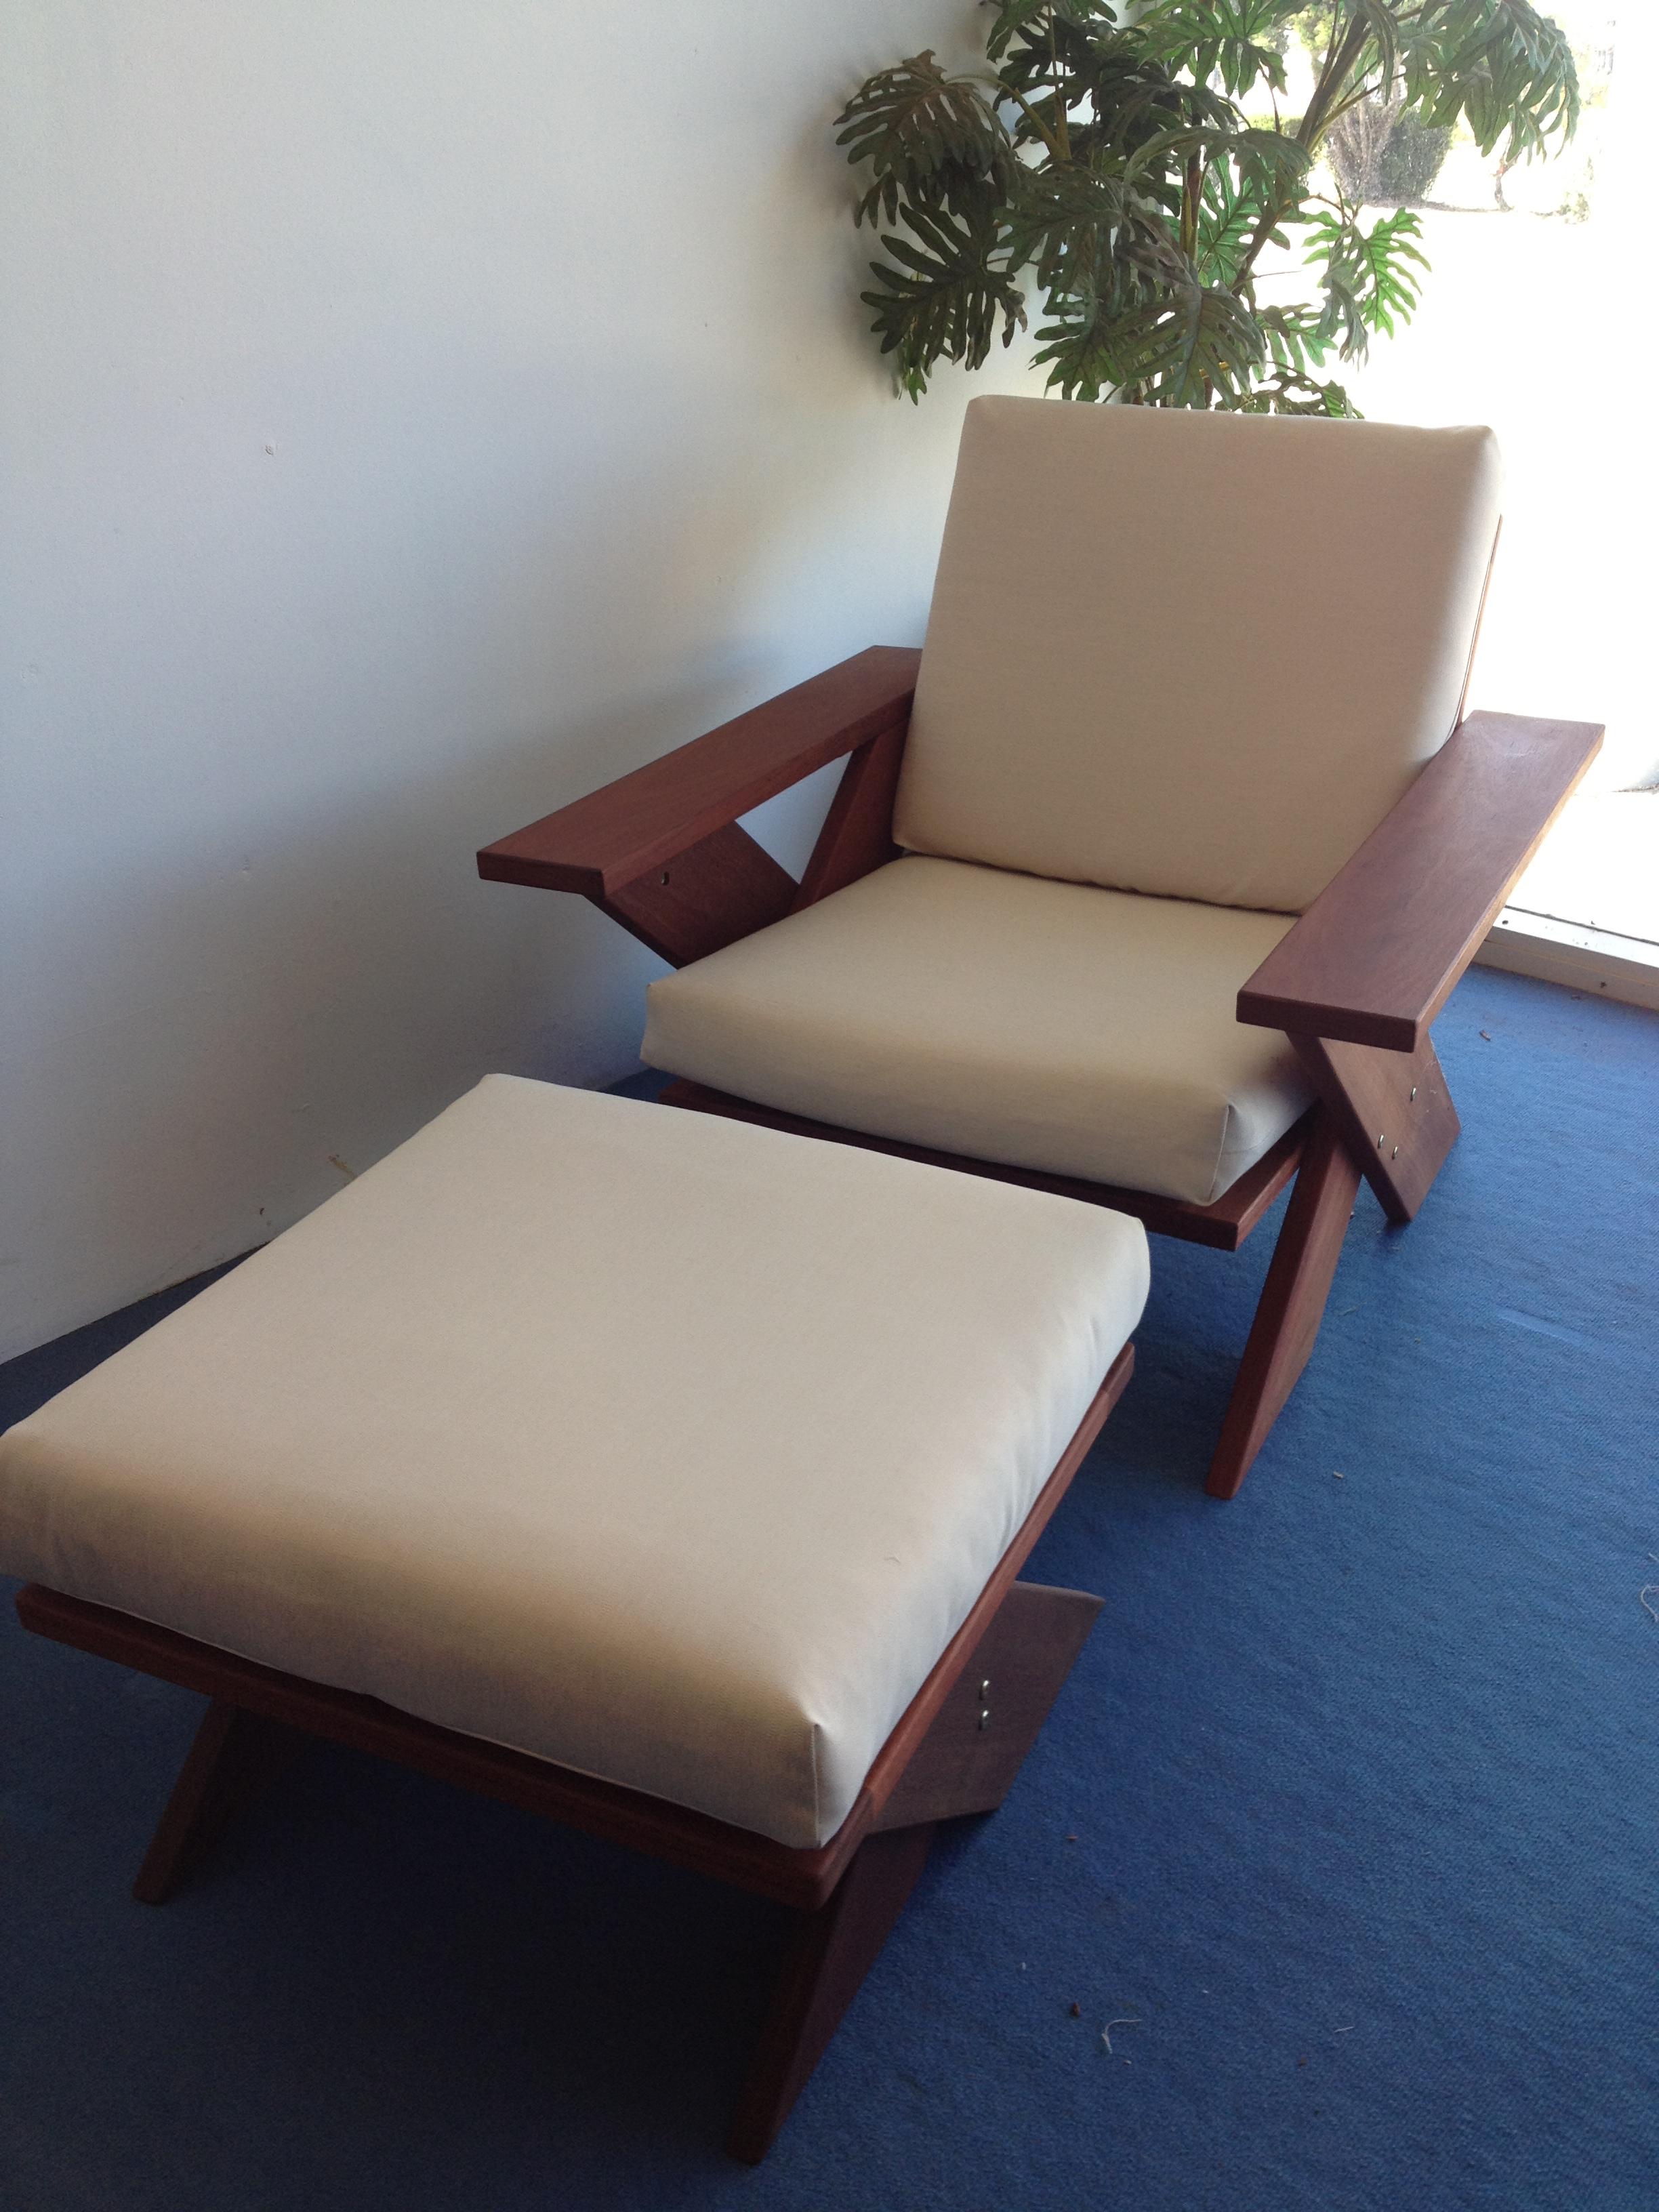 q1b-Frans wide board chair 2.JPG